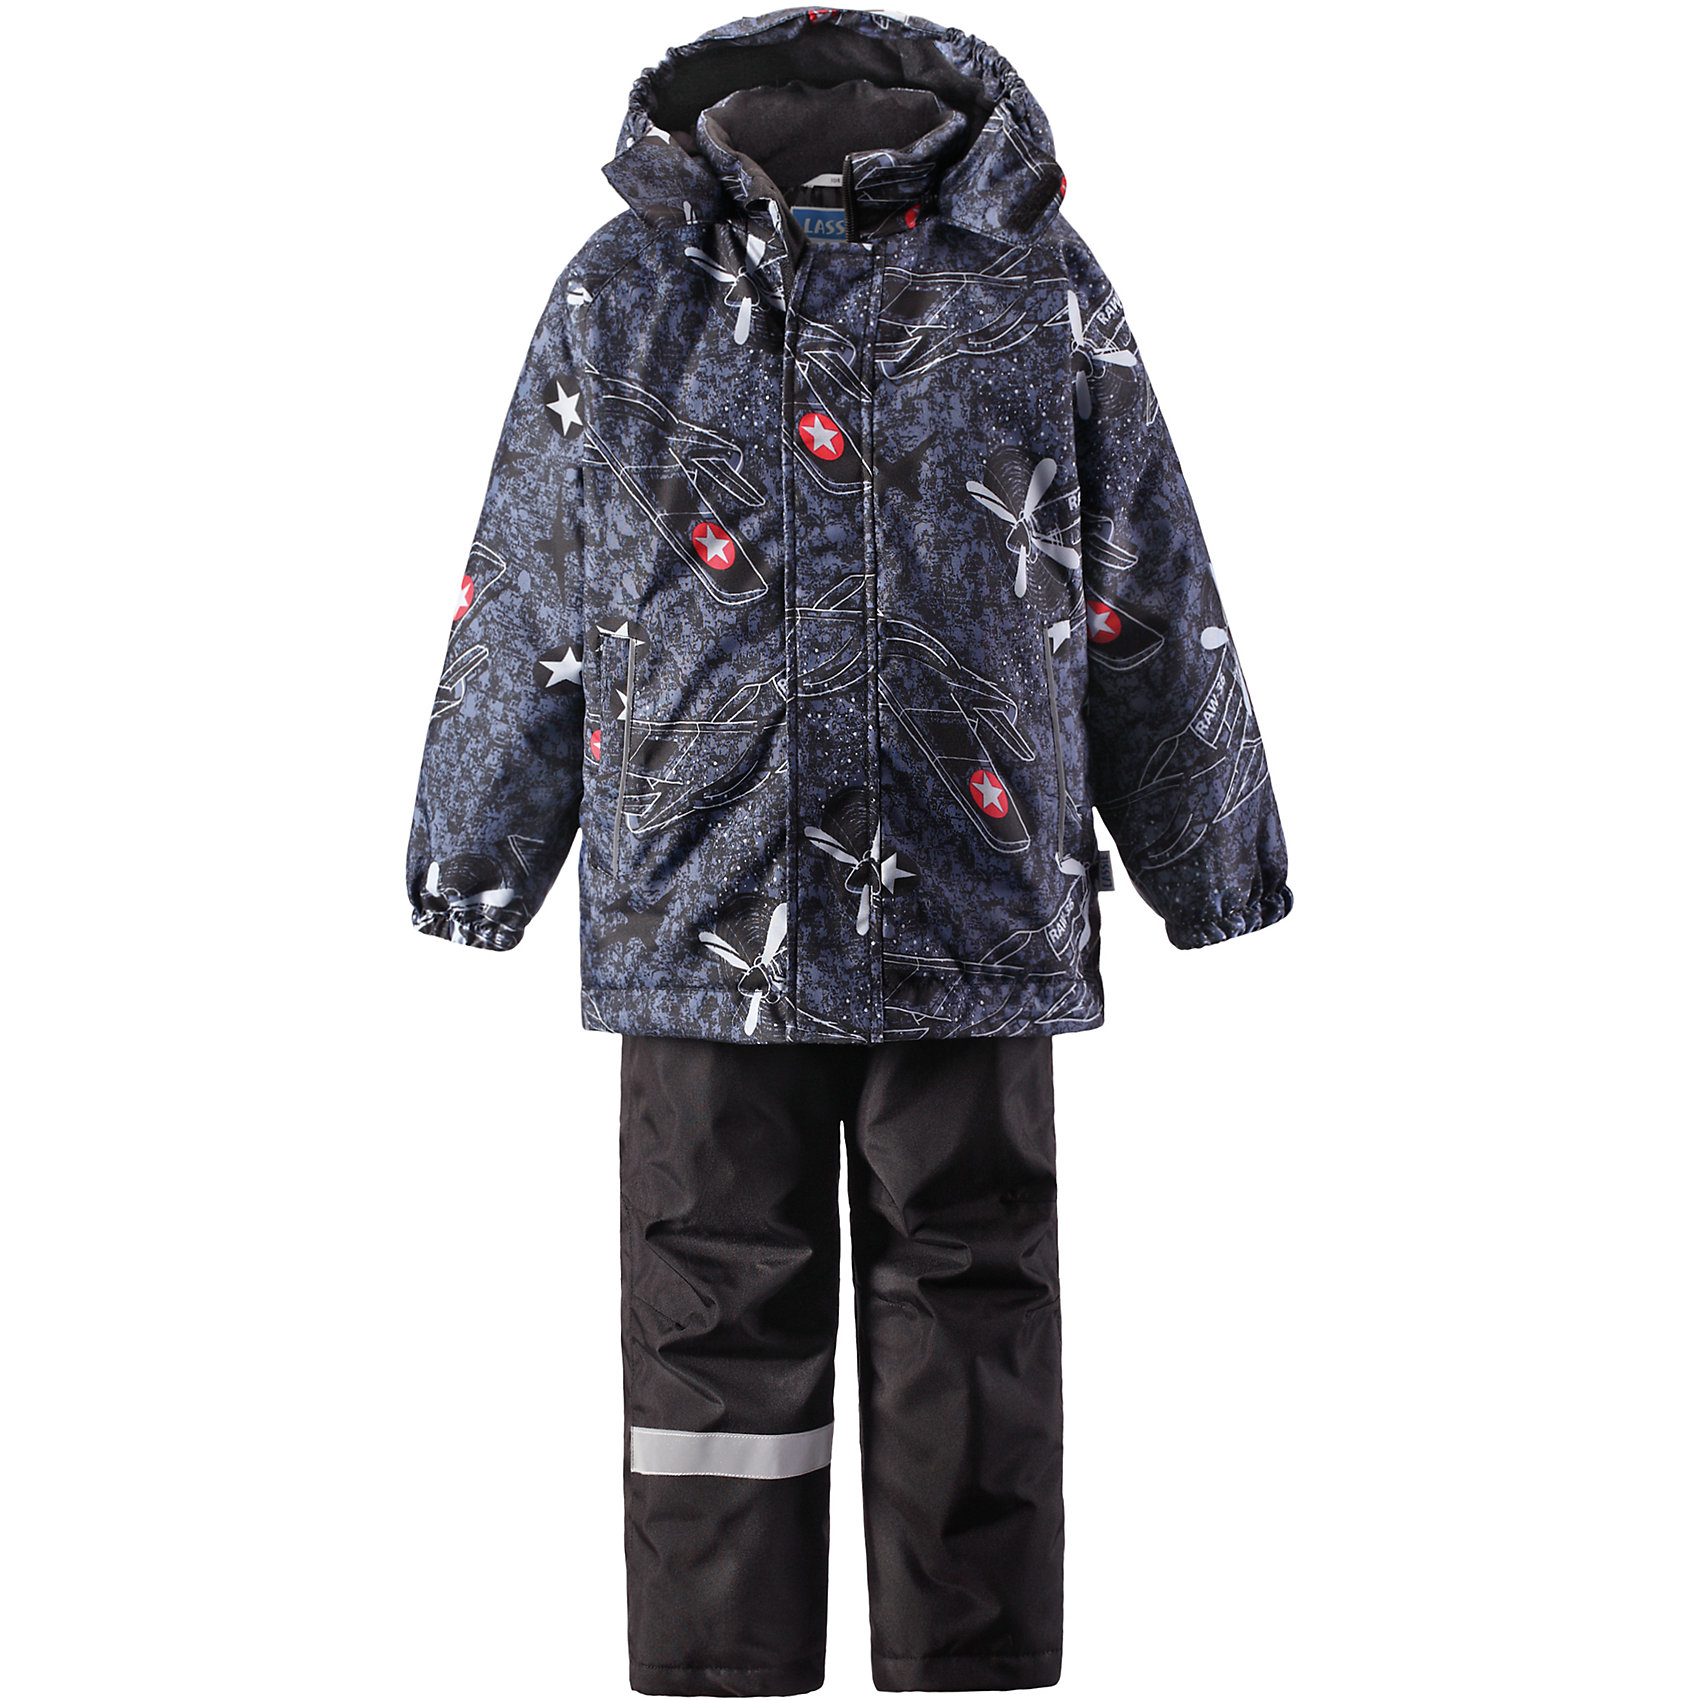 Комплект для мальчика LASSIEОдежда<br>Зимний комплект для детей известной финской марки.<br><br>-  Прочный материал. Водоотталкивающий, ветронепроницаемый, «дышащий» и грязеотталкивающий материал.<br>-  Задний серединный шов брюк проклеен.<br>-  Гладкая подкладка из полиэстра.<br>-  Средняя степень утепления. <br>- Безопасный, съемный капюшон.<br>-  Эластичные манжеты. Эластичная талия. <br>- Регулируемый подол. Снегозащитные манжеты на штанинах. <br>- Ширинка на молнии. Карманы в боковых швах.<br>-  Регулируемые и отстегивающиеся эластичные подтяжки.<br>-  Принт по всей поверхности. <br><br> Рекомендации по уходу: Стирать по отдельности, вывернув наизнанку. Застегнуть молнии и липучки. Соблюдать температуру в соответствии с руководством по уходу. Стирать моющим средством, не содержащим отбеливающие вещества. Полоскать без специального средства. Сушение в сушильном шкафу разрешено при  низкой температуре.<br><br>Состав: 100% Полиамид, полиуретановое покрытие.  Утеплитель «Lassie wadding» 100гр.(брюки); 180гр.(куртка).<br><br>Ширина мм: 190<br>Глубина мм: 74<br>Высота мм: 229<br>Вес г: 236<br>Цвет: черный<br>Возраст от месяцев: 18<br>Возраст до месяцев: 24<br>Пол: Мужской<br>Возраст: Детский<br>Размер: 92,140,98,104,110,116,122,128,134<br>SKU: 4782218